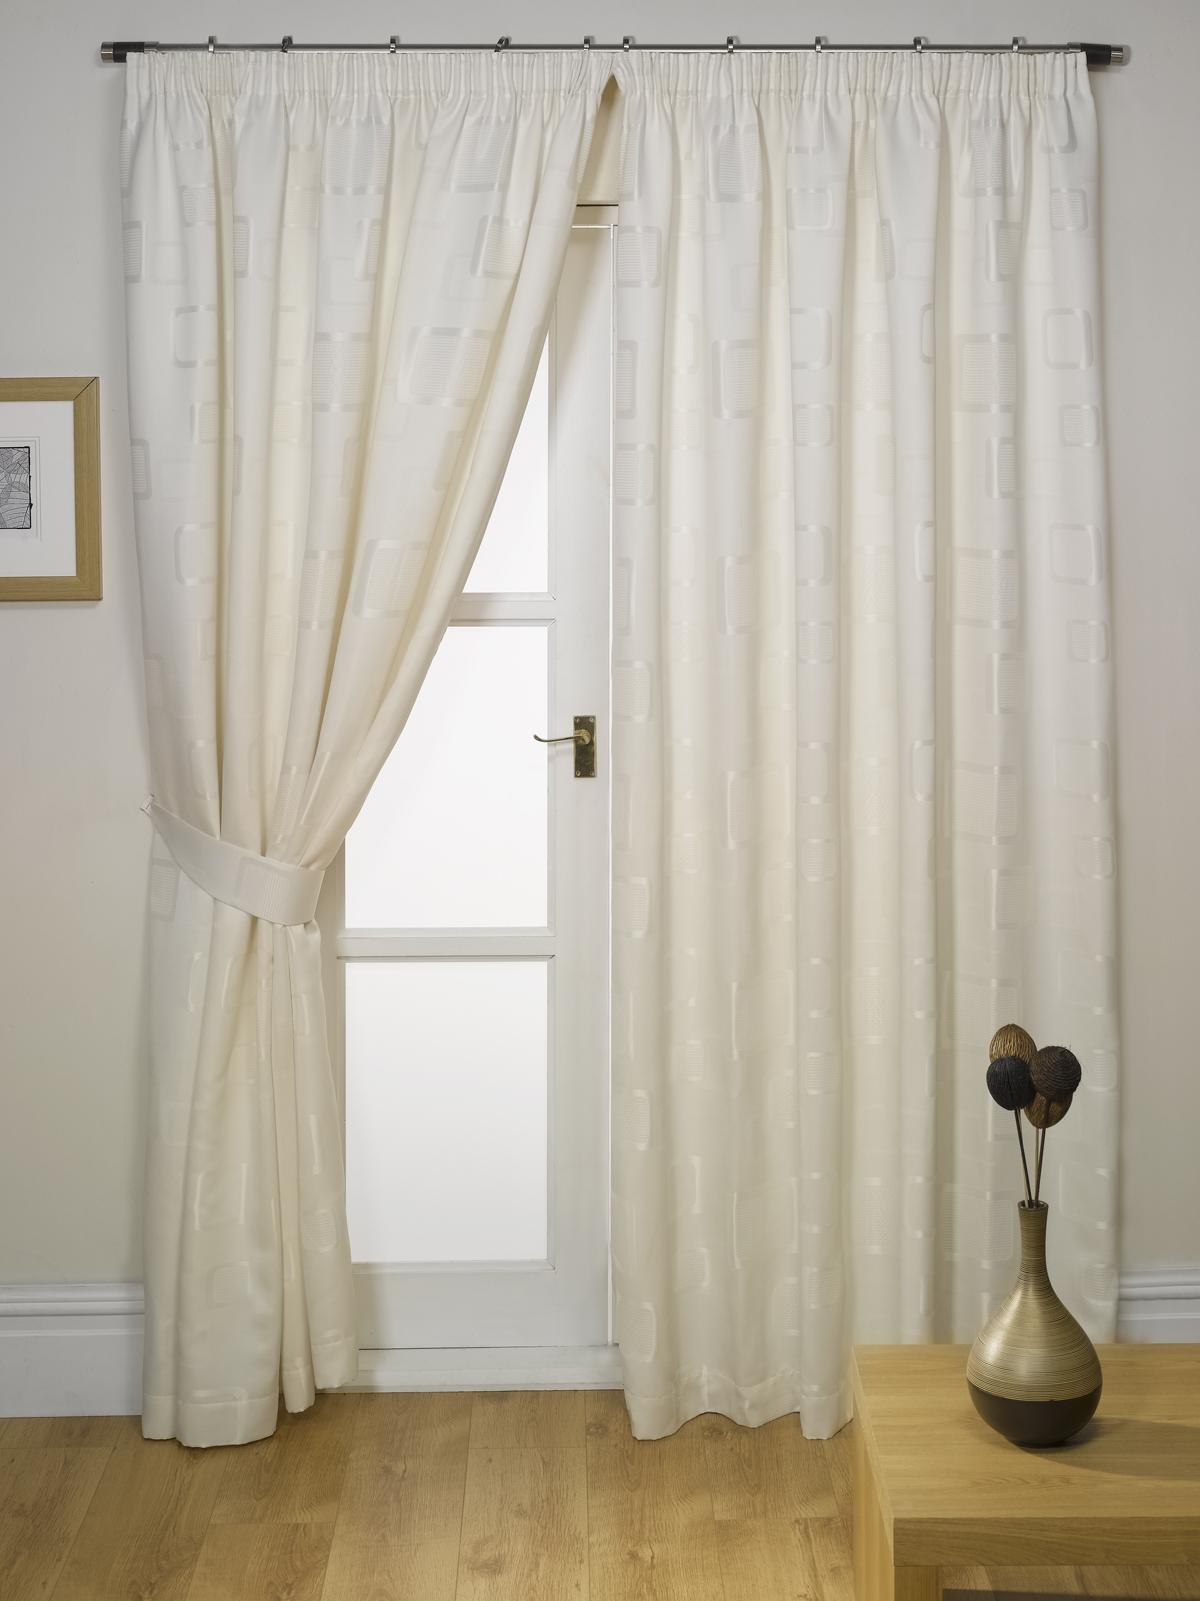 Cortinas listas para usar toda la gama de colores incluye - Colores de cortinas ...